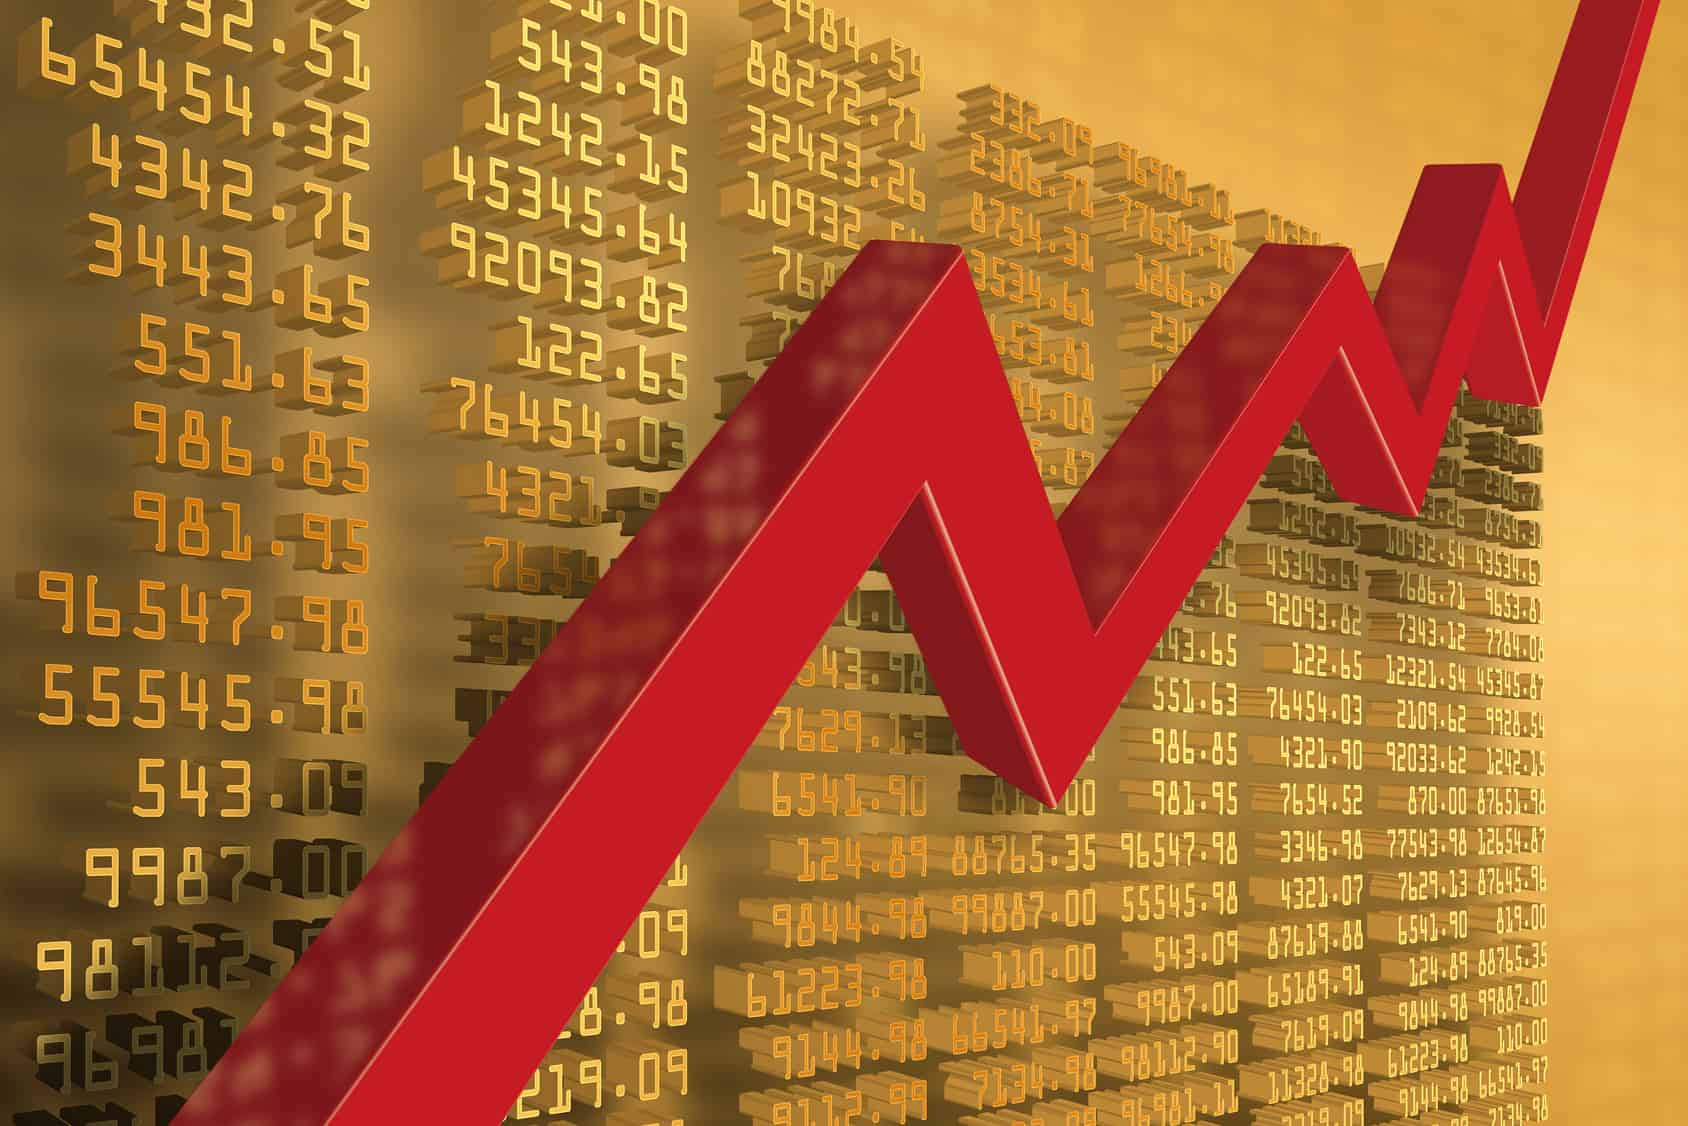 Aufsteigener Chart, als Sinnbild für den Cost-Average-Effekt.